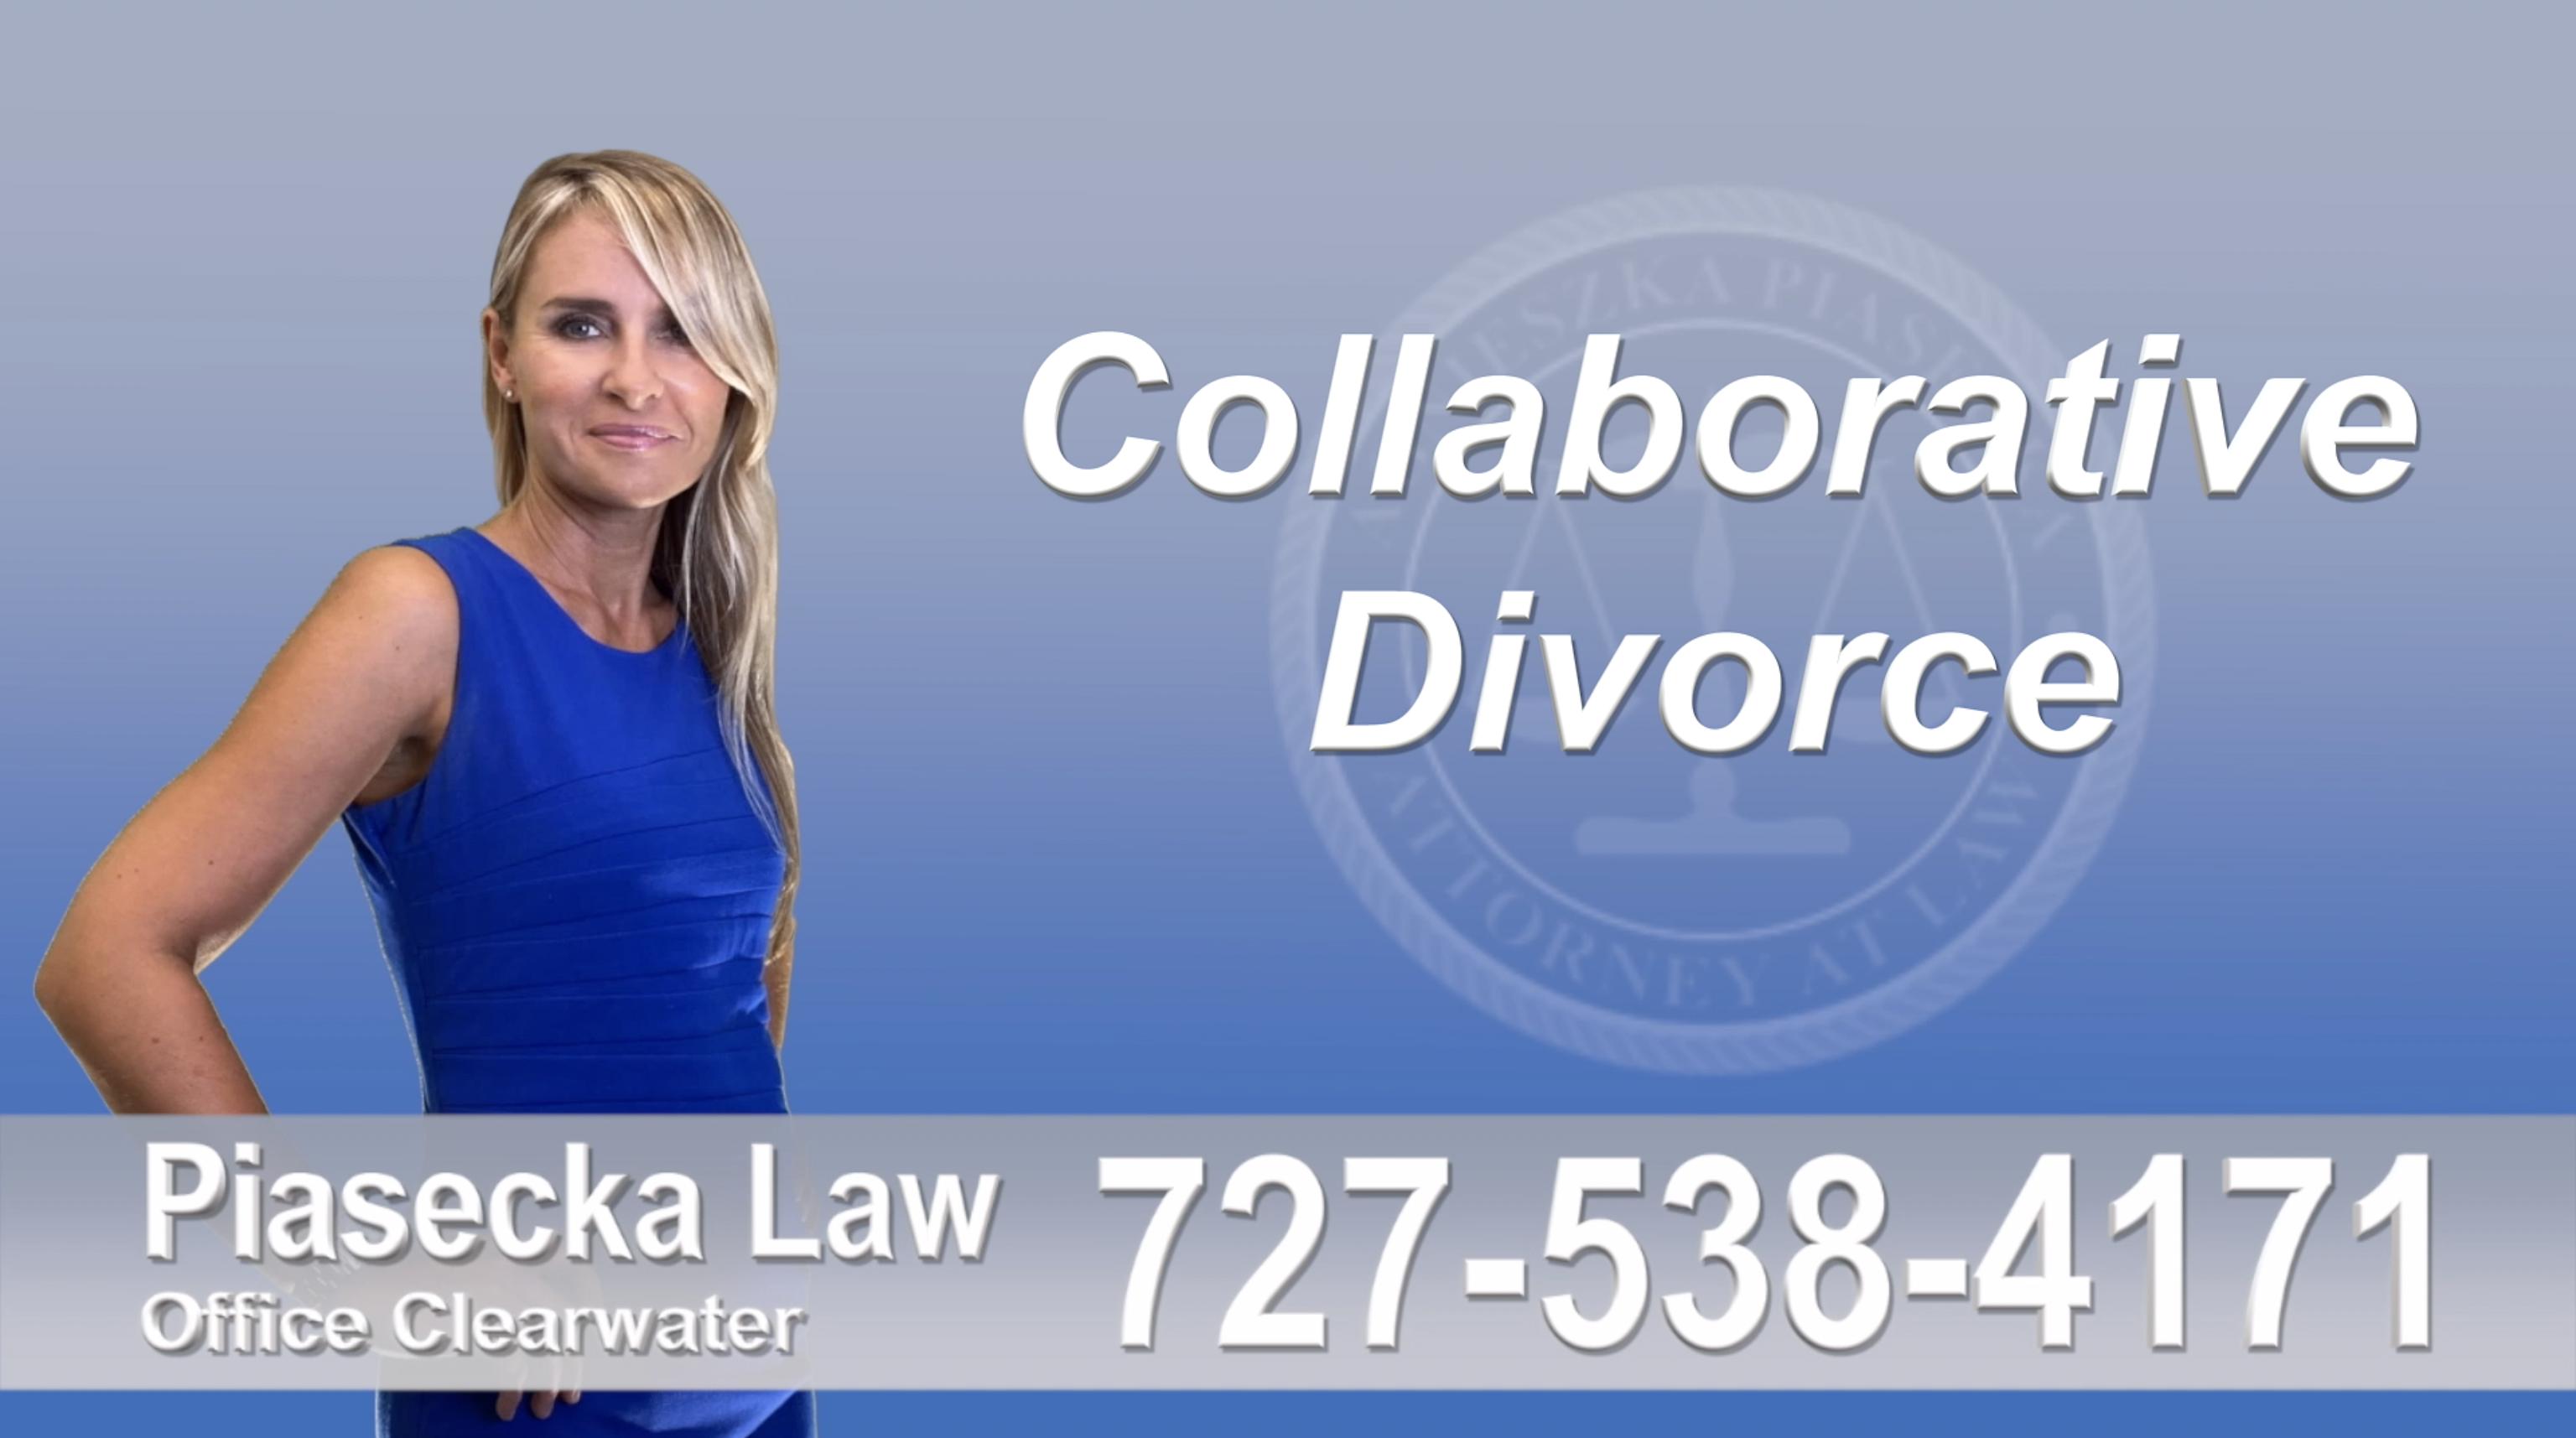 Collaborative, Attorney, Agnieszka, Piasecka, Prawnik, Rozwodowy, Rozwód, Adwokat, Najlepszy, Best Attorney, Divorce, Lawyer